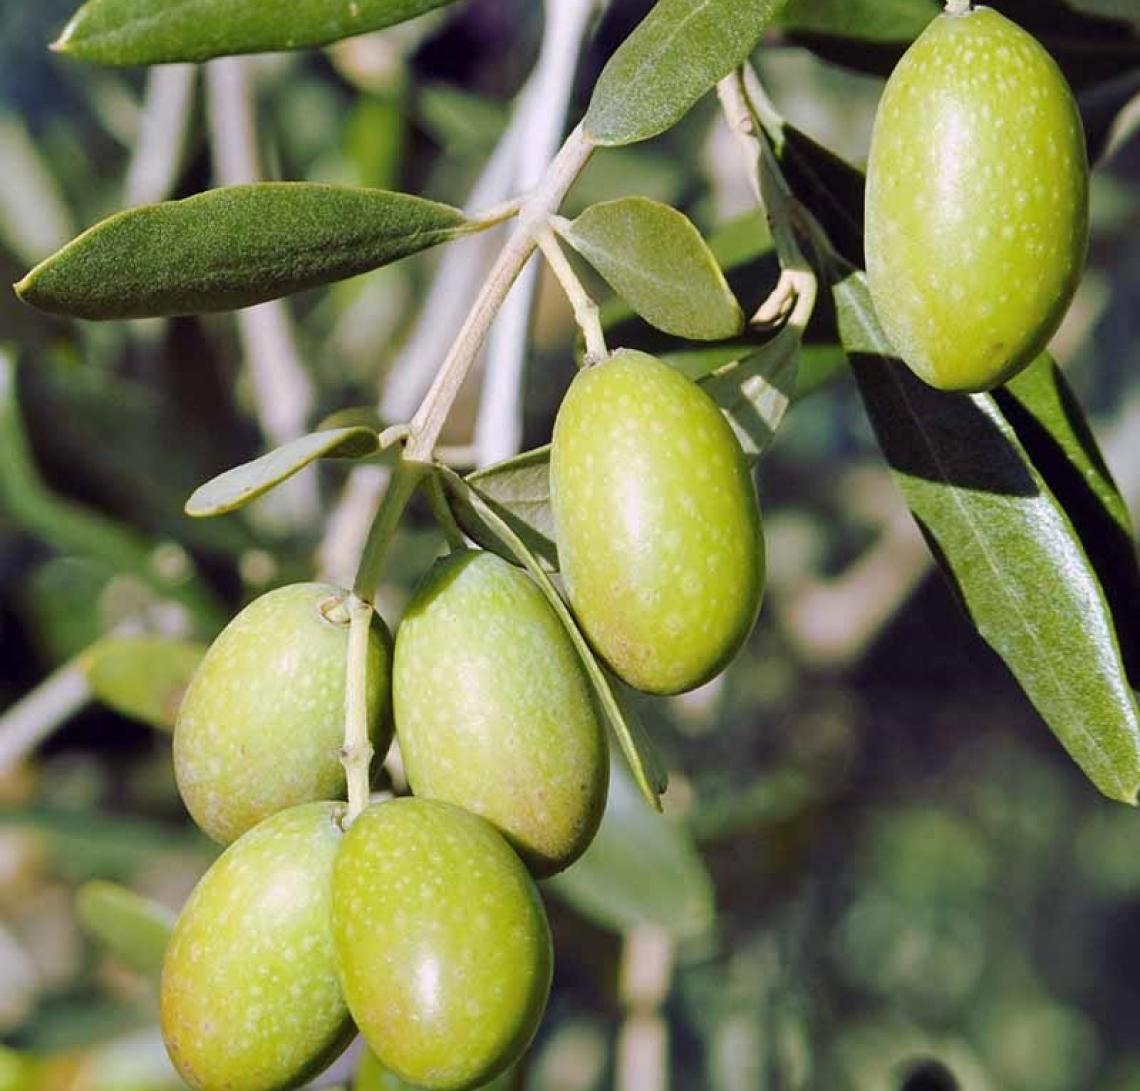 Un trattamento all'indurimento del nocciolo per ridurre l'alternanza di produzione dell'olivo